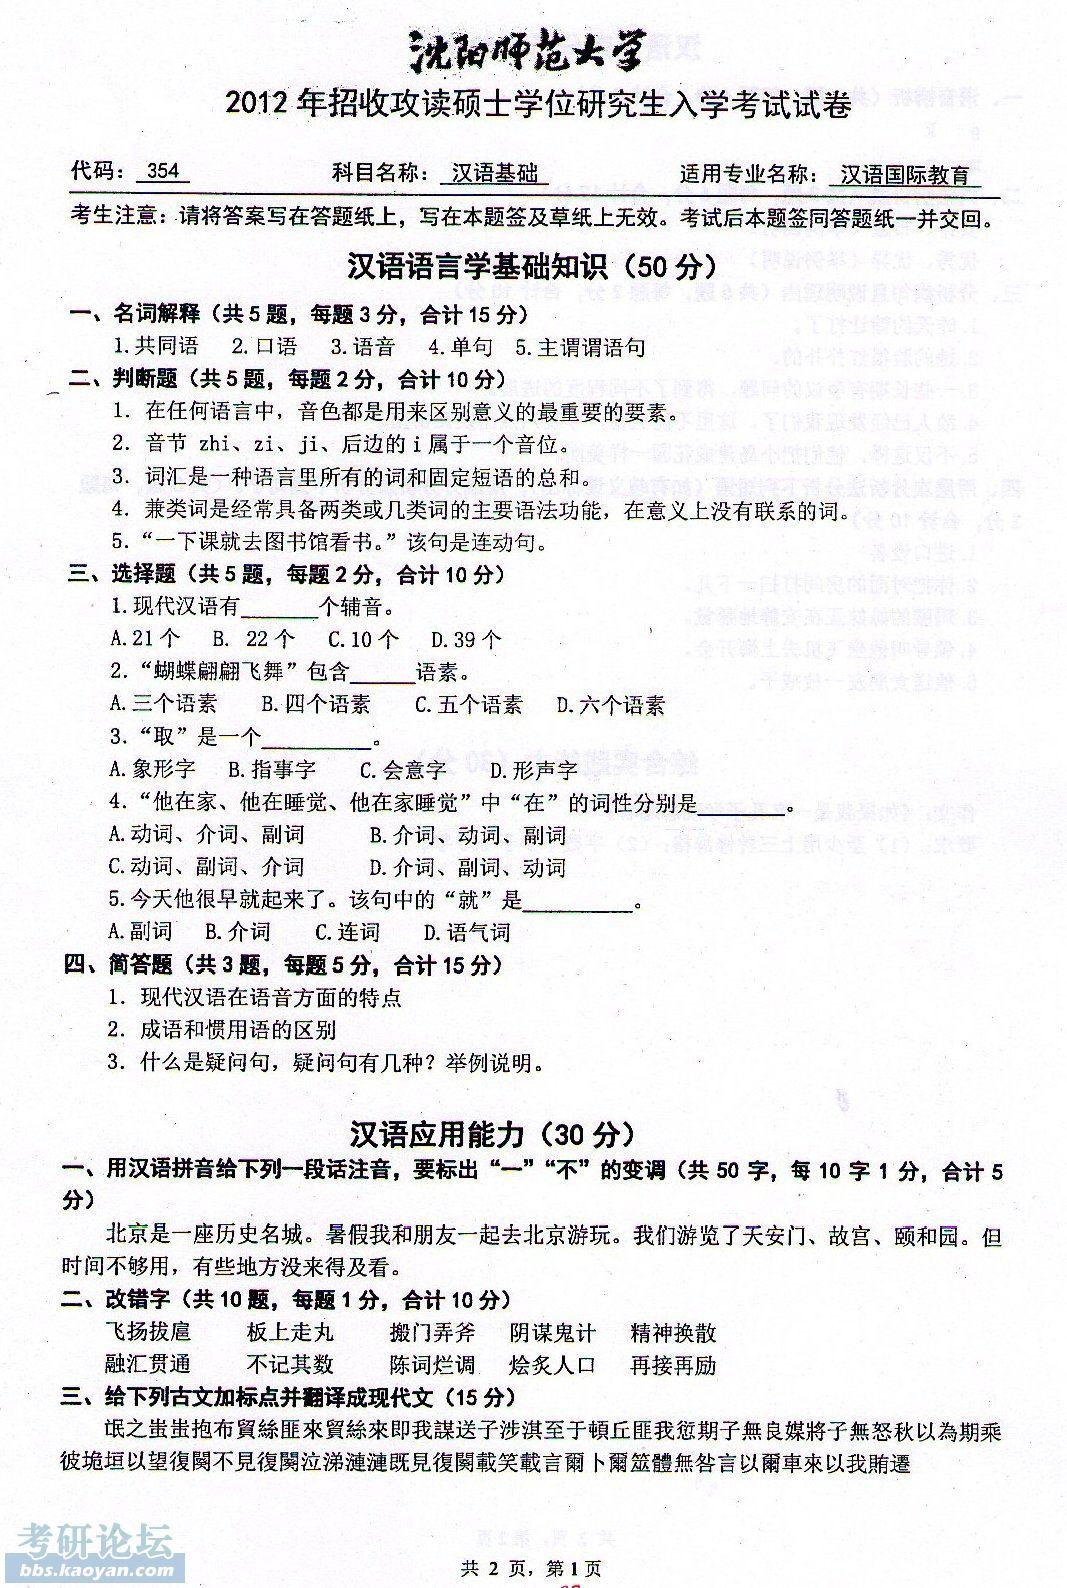 沈阳师范大学232.jpg